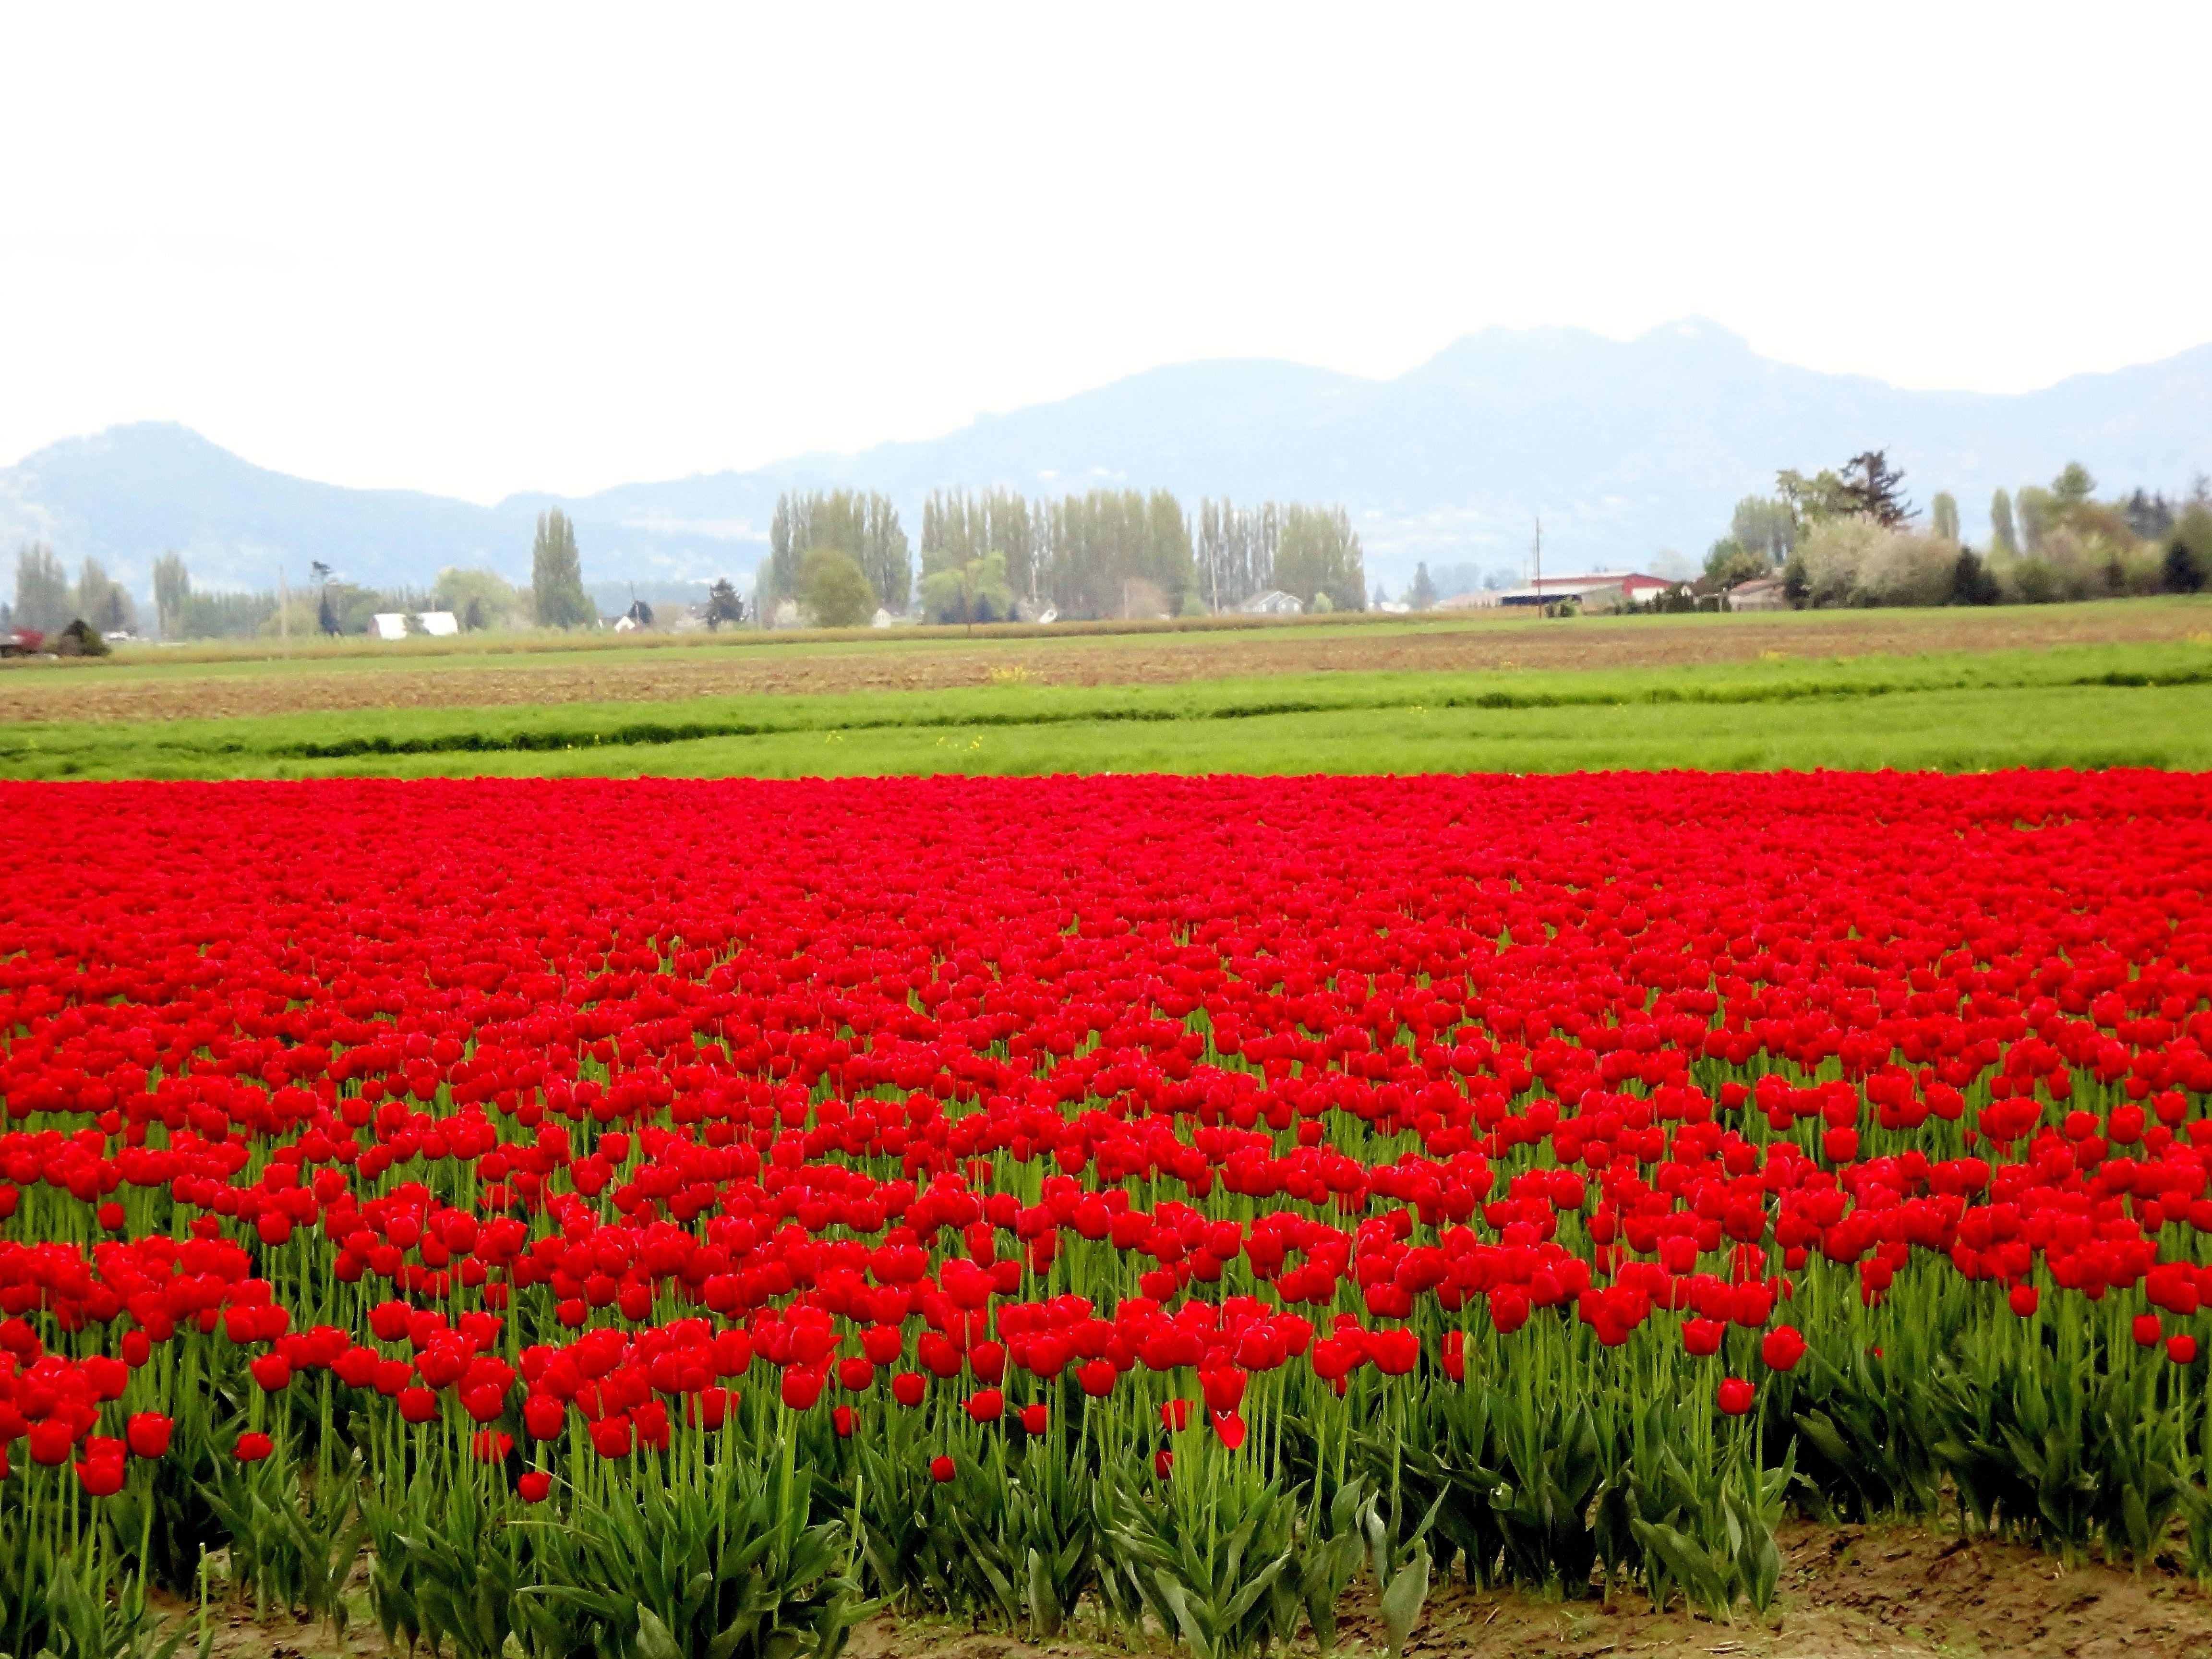 Spring Flowers Tulips Field Sunrise Grass Clouds: Flowers Sunrise Fields Nature Flowers Tulip Flower Field